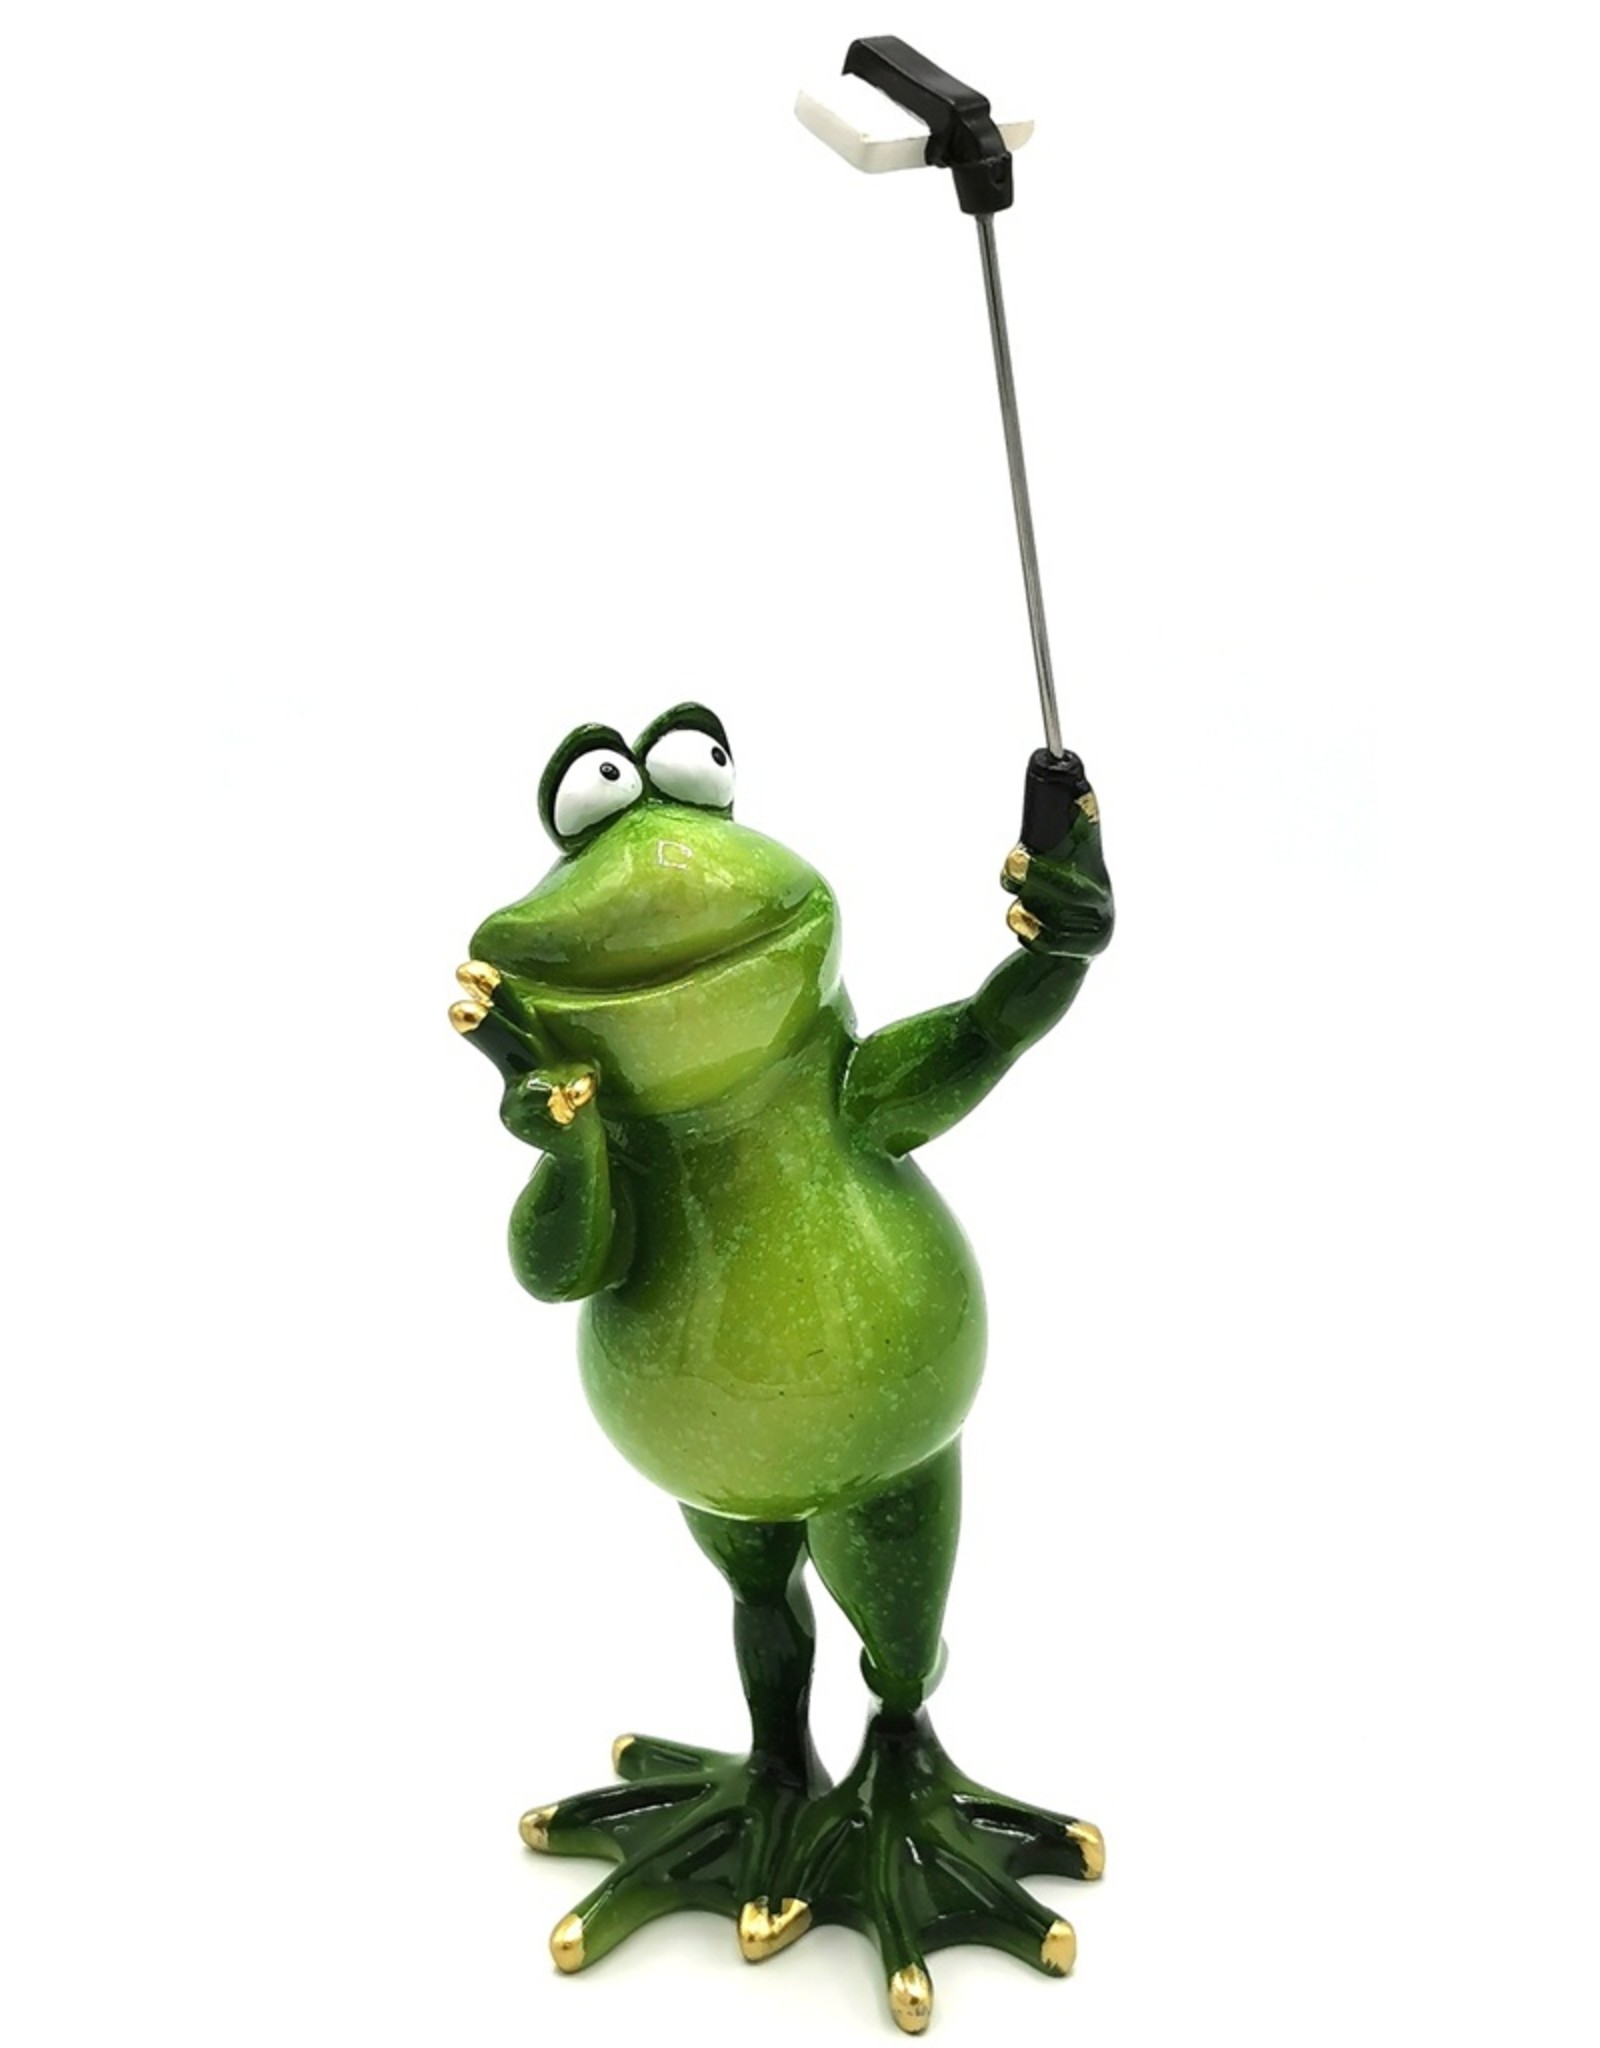 Kikker met selfie stick beeldje Giftware Figurines Collectables - Frog with selfie stick figurine - 28cm, polyresin